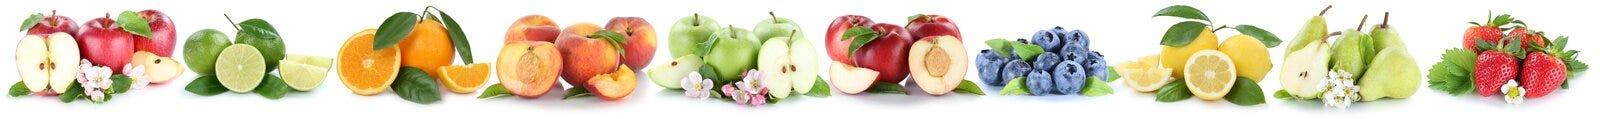 Πορτοκαλιά φρούτα πορτοκαλιών μήλων μήλων φρούτων σε μια σειρά που απομονώνεται στο wh Στοκ εικόνα με δικαίωμα ελεύθερης χρήσης